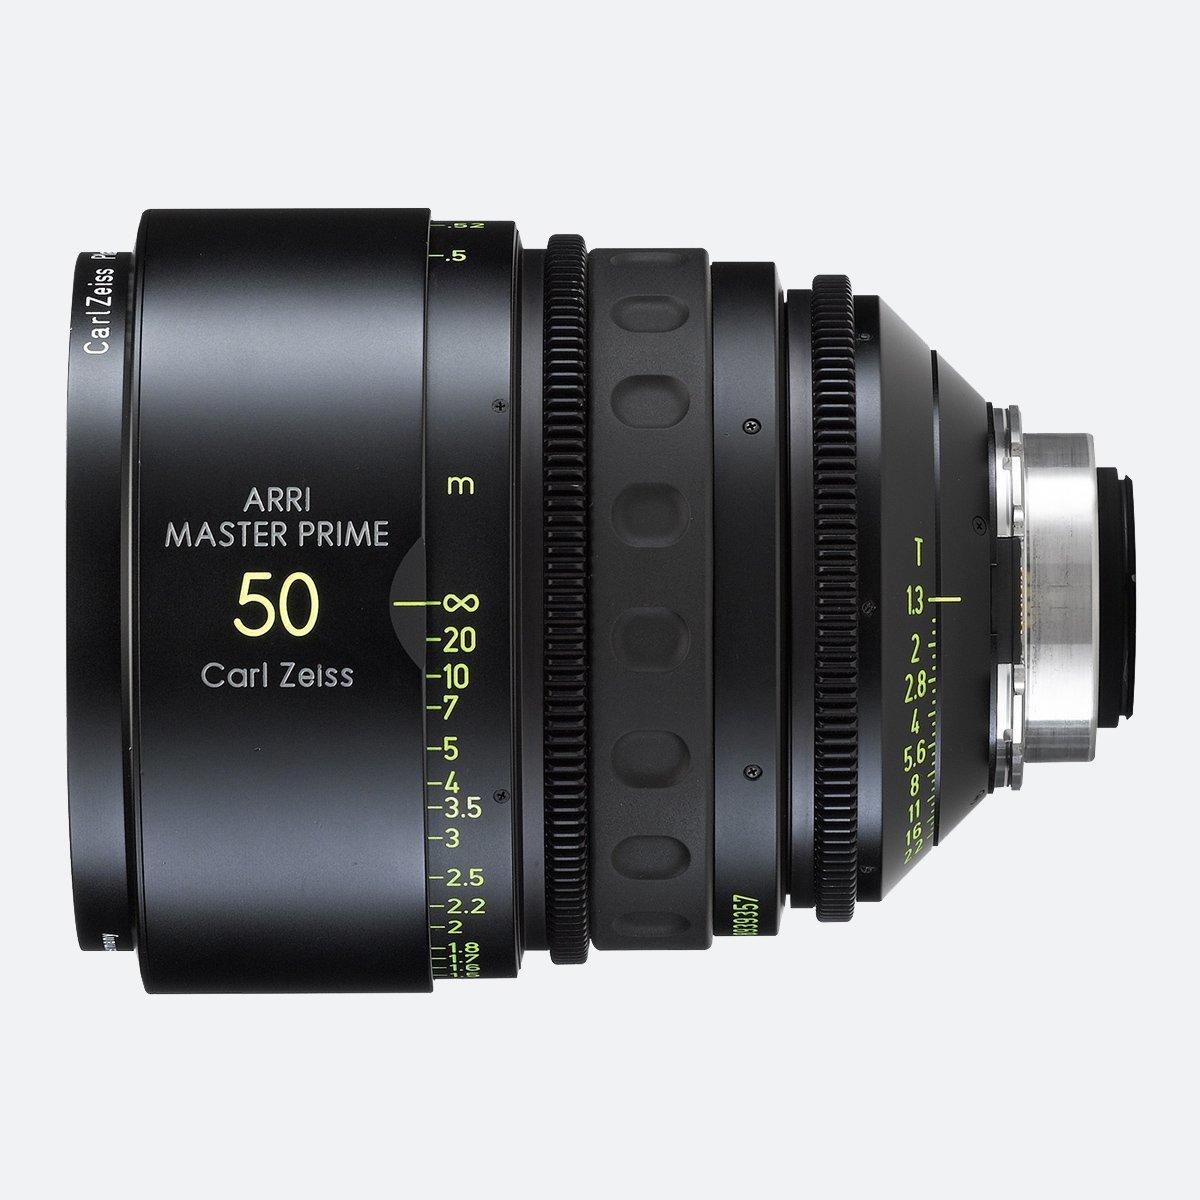 ARRI 50mm T1.3 Master Prime Lens